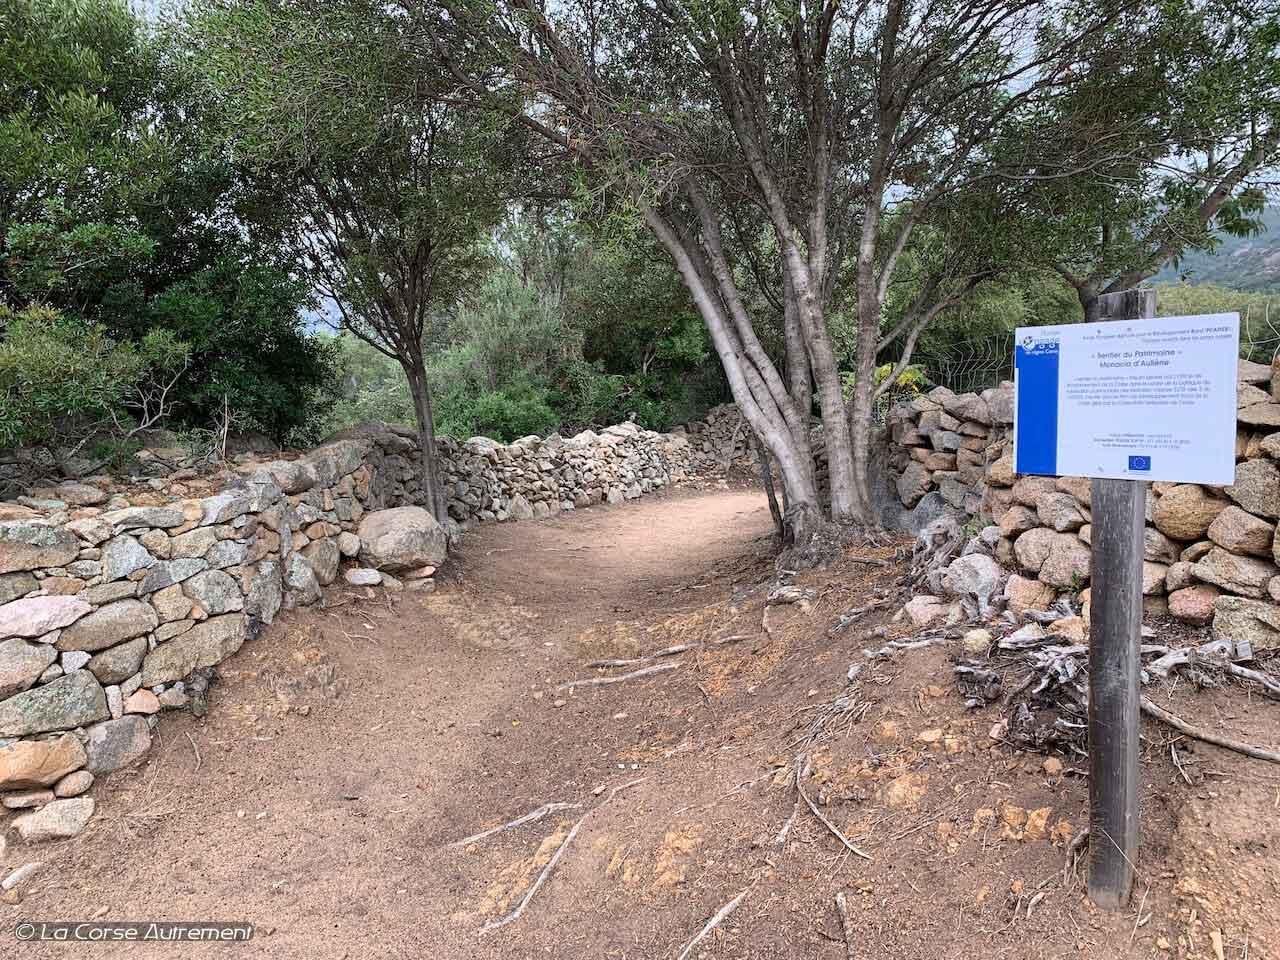 sentier du patrimoine de Monacia d'Aullène